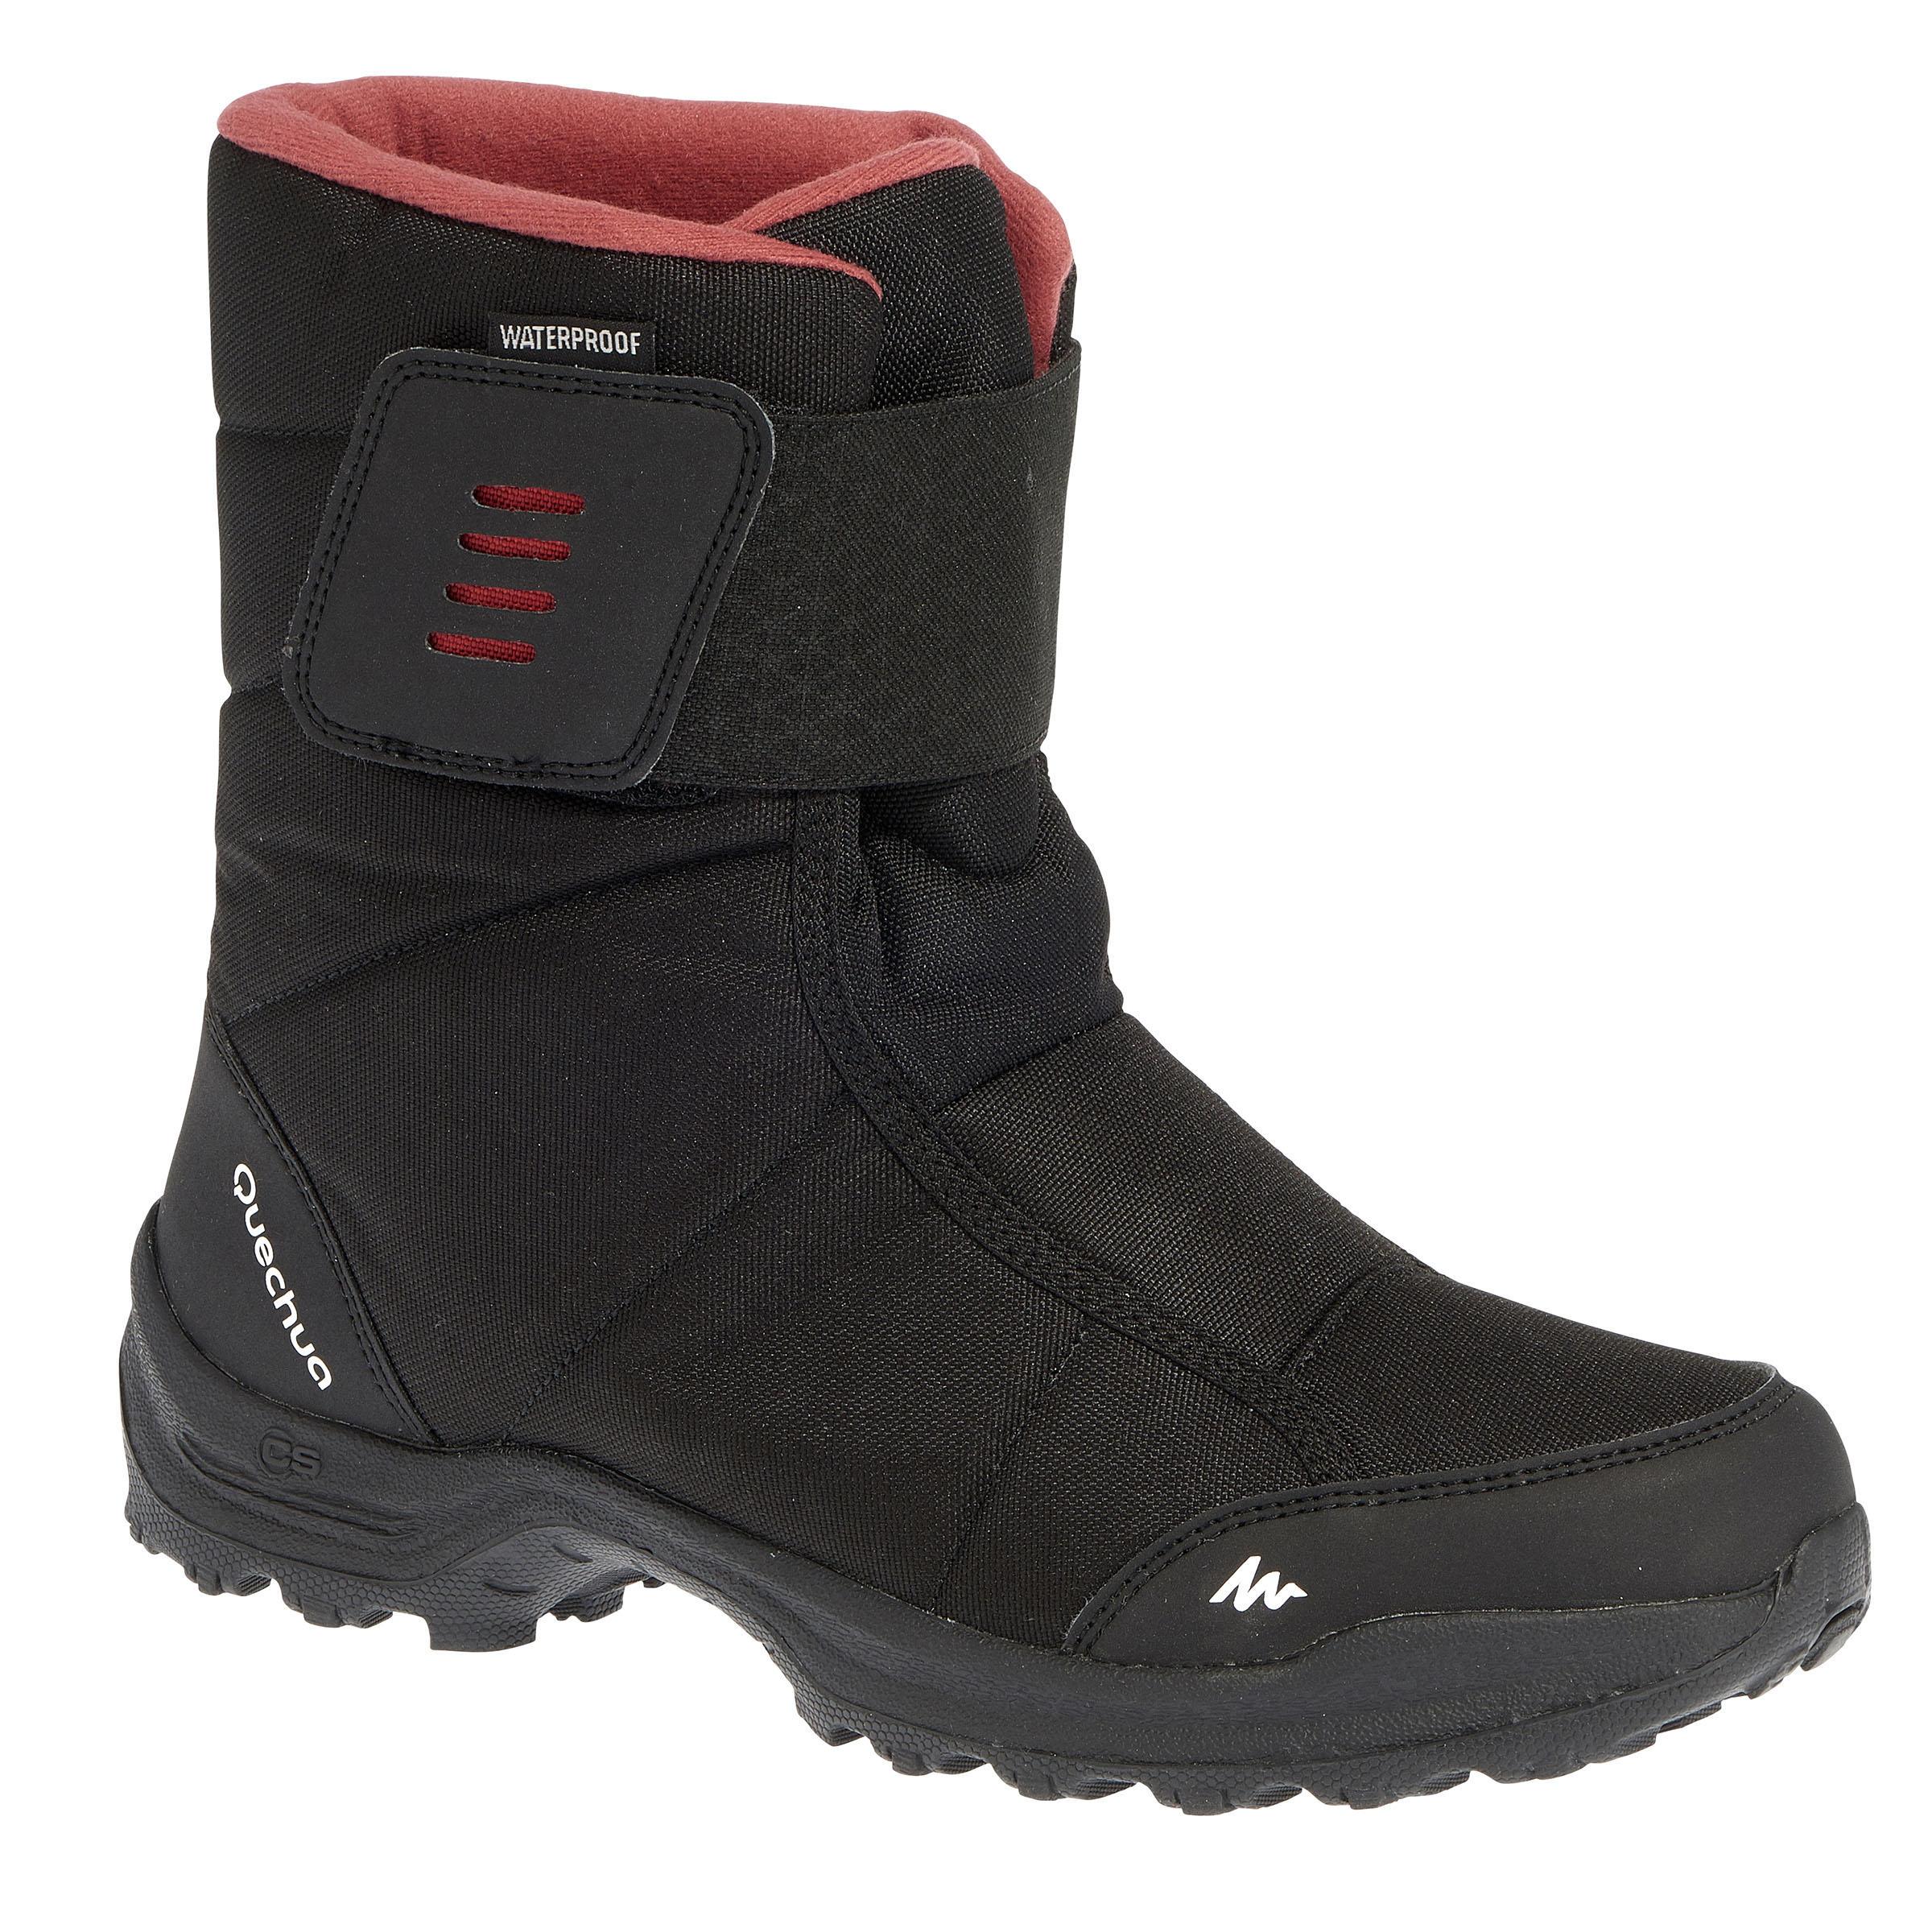 Quechua Wandellaarzen voor de sneeuw dames SH300 warm waterdicht thumbnail